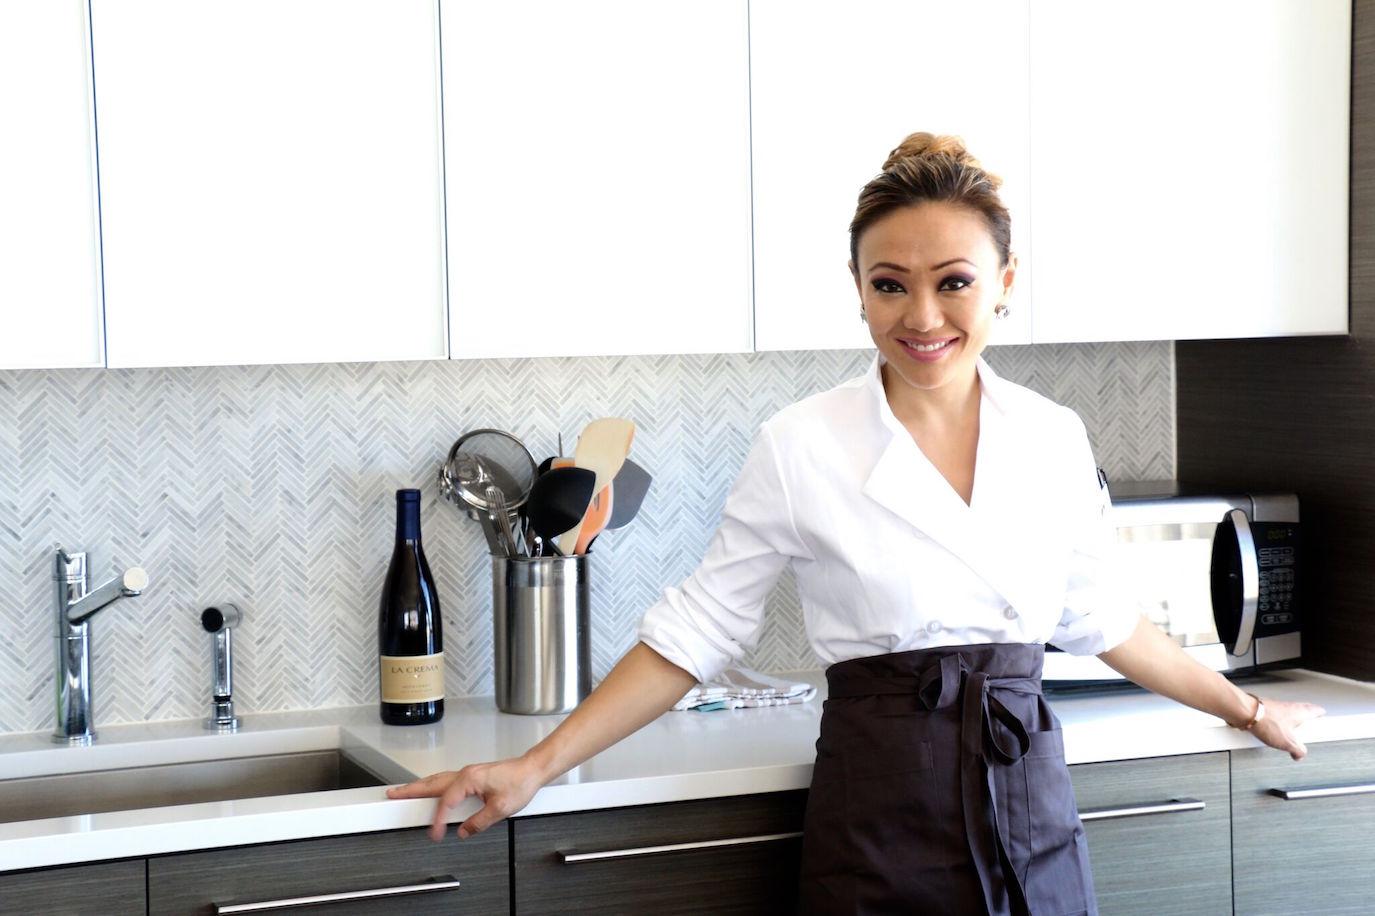 Chef Kathy Fang